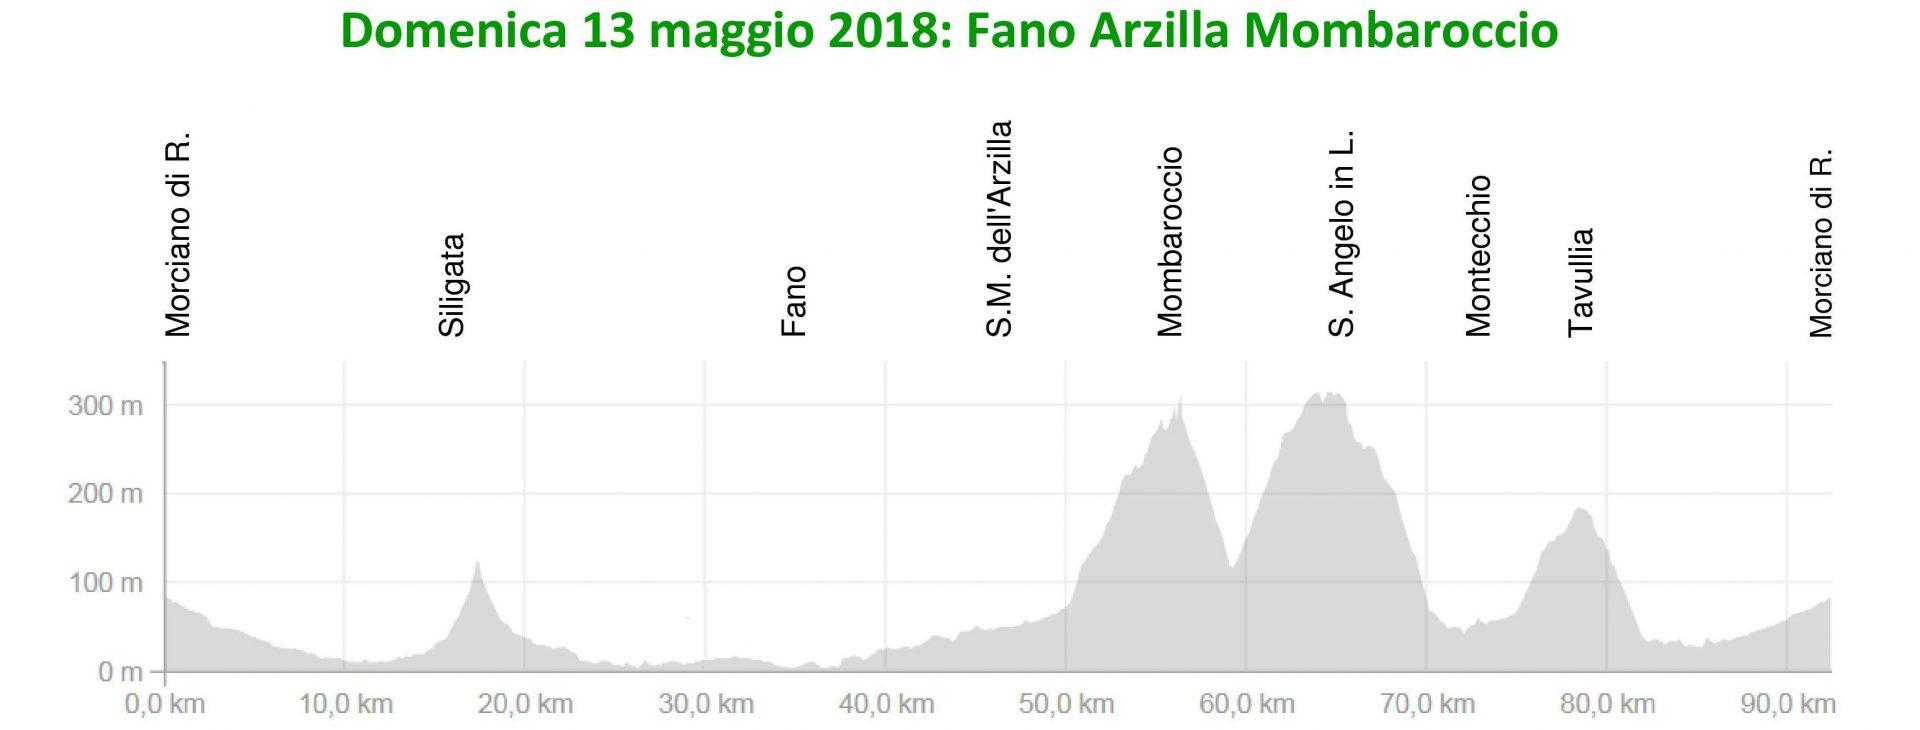 Domenica 13-mag-2018 Fano-Arzilla-Monbaroccio